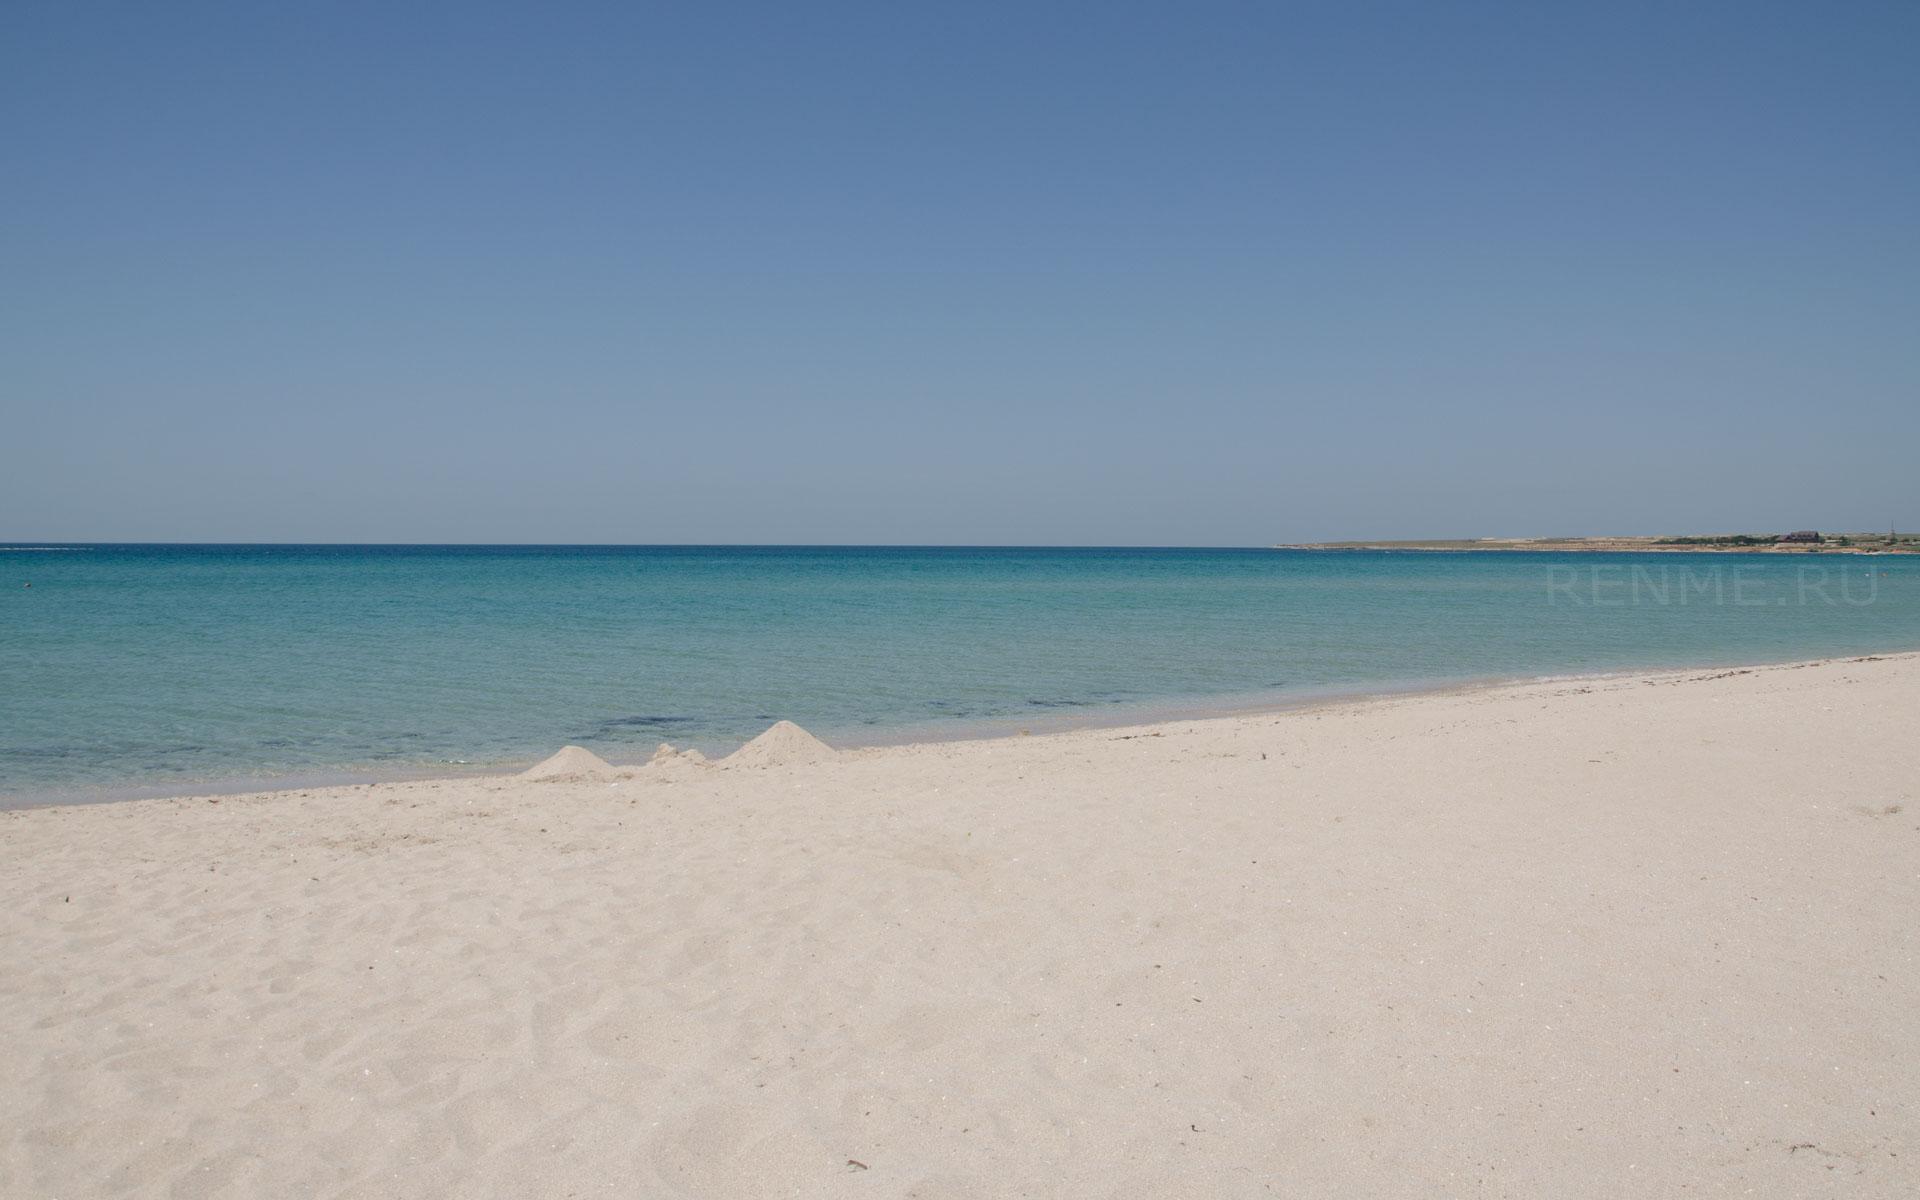 Дикий пляж на Тарханкуте. Фото Оленевки